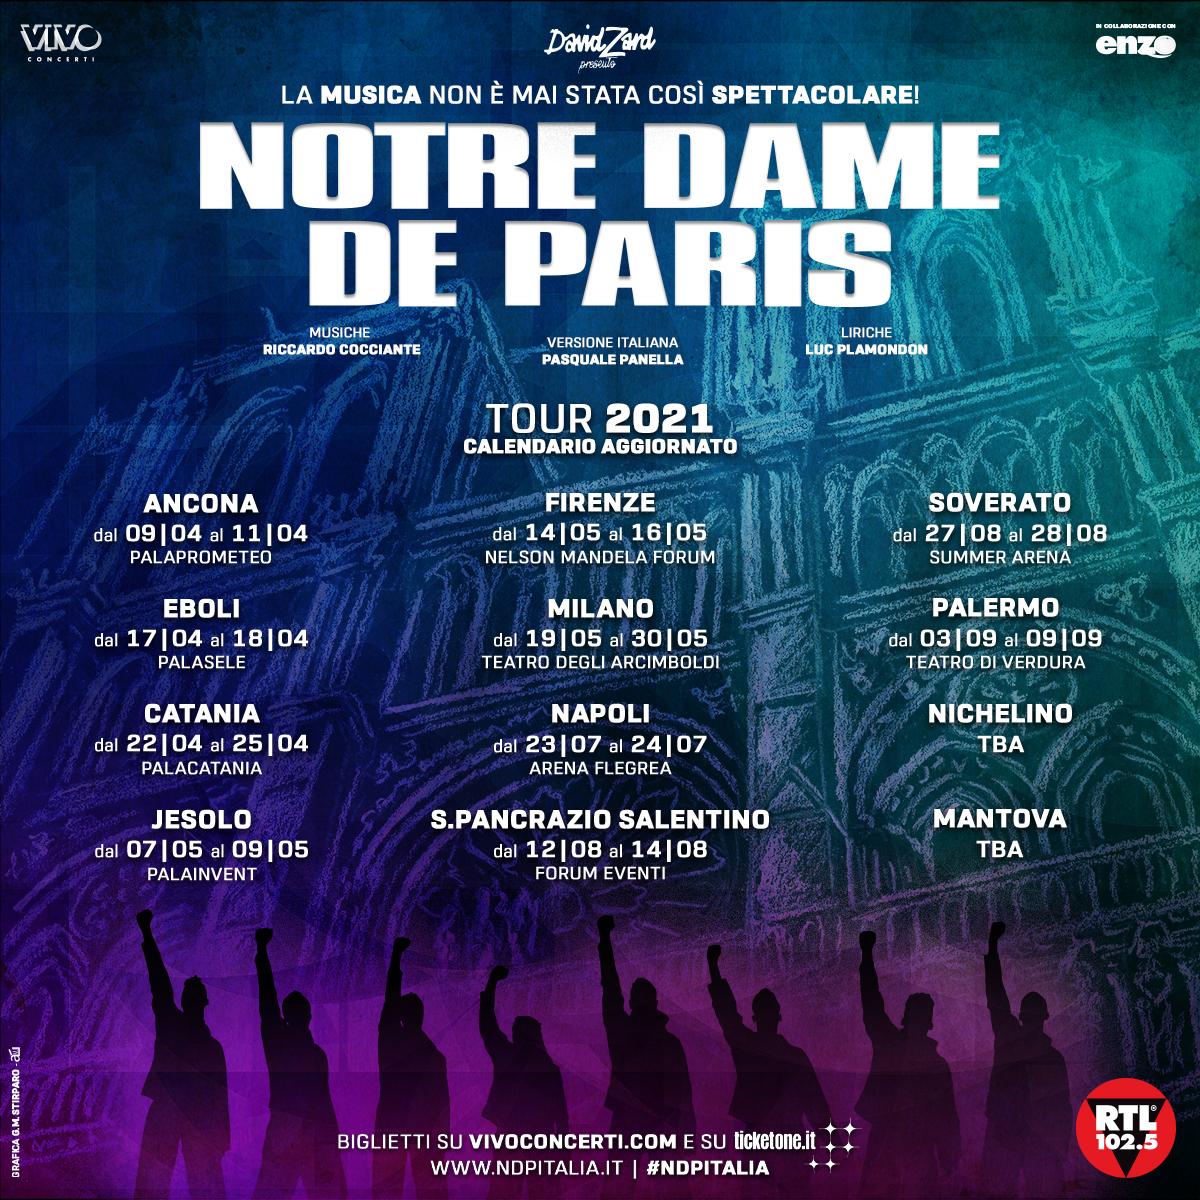 POSTICIPATA L'INTERA TOURNÉE DI NOTRE DAME DE PARIS, DATE AGGIORNATE AL PALASELE DI EBOLI: 17 E 18 APRILE 2021